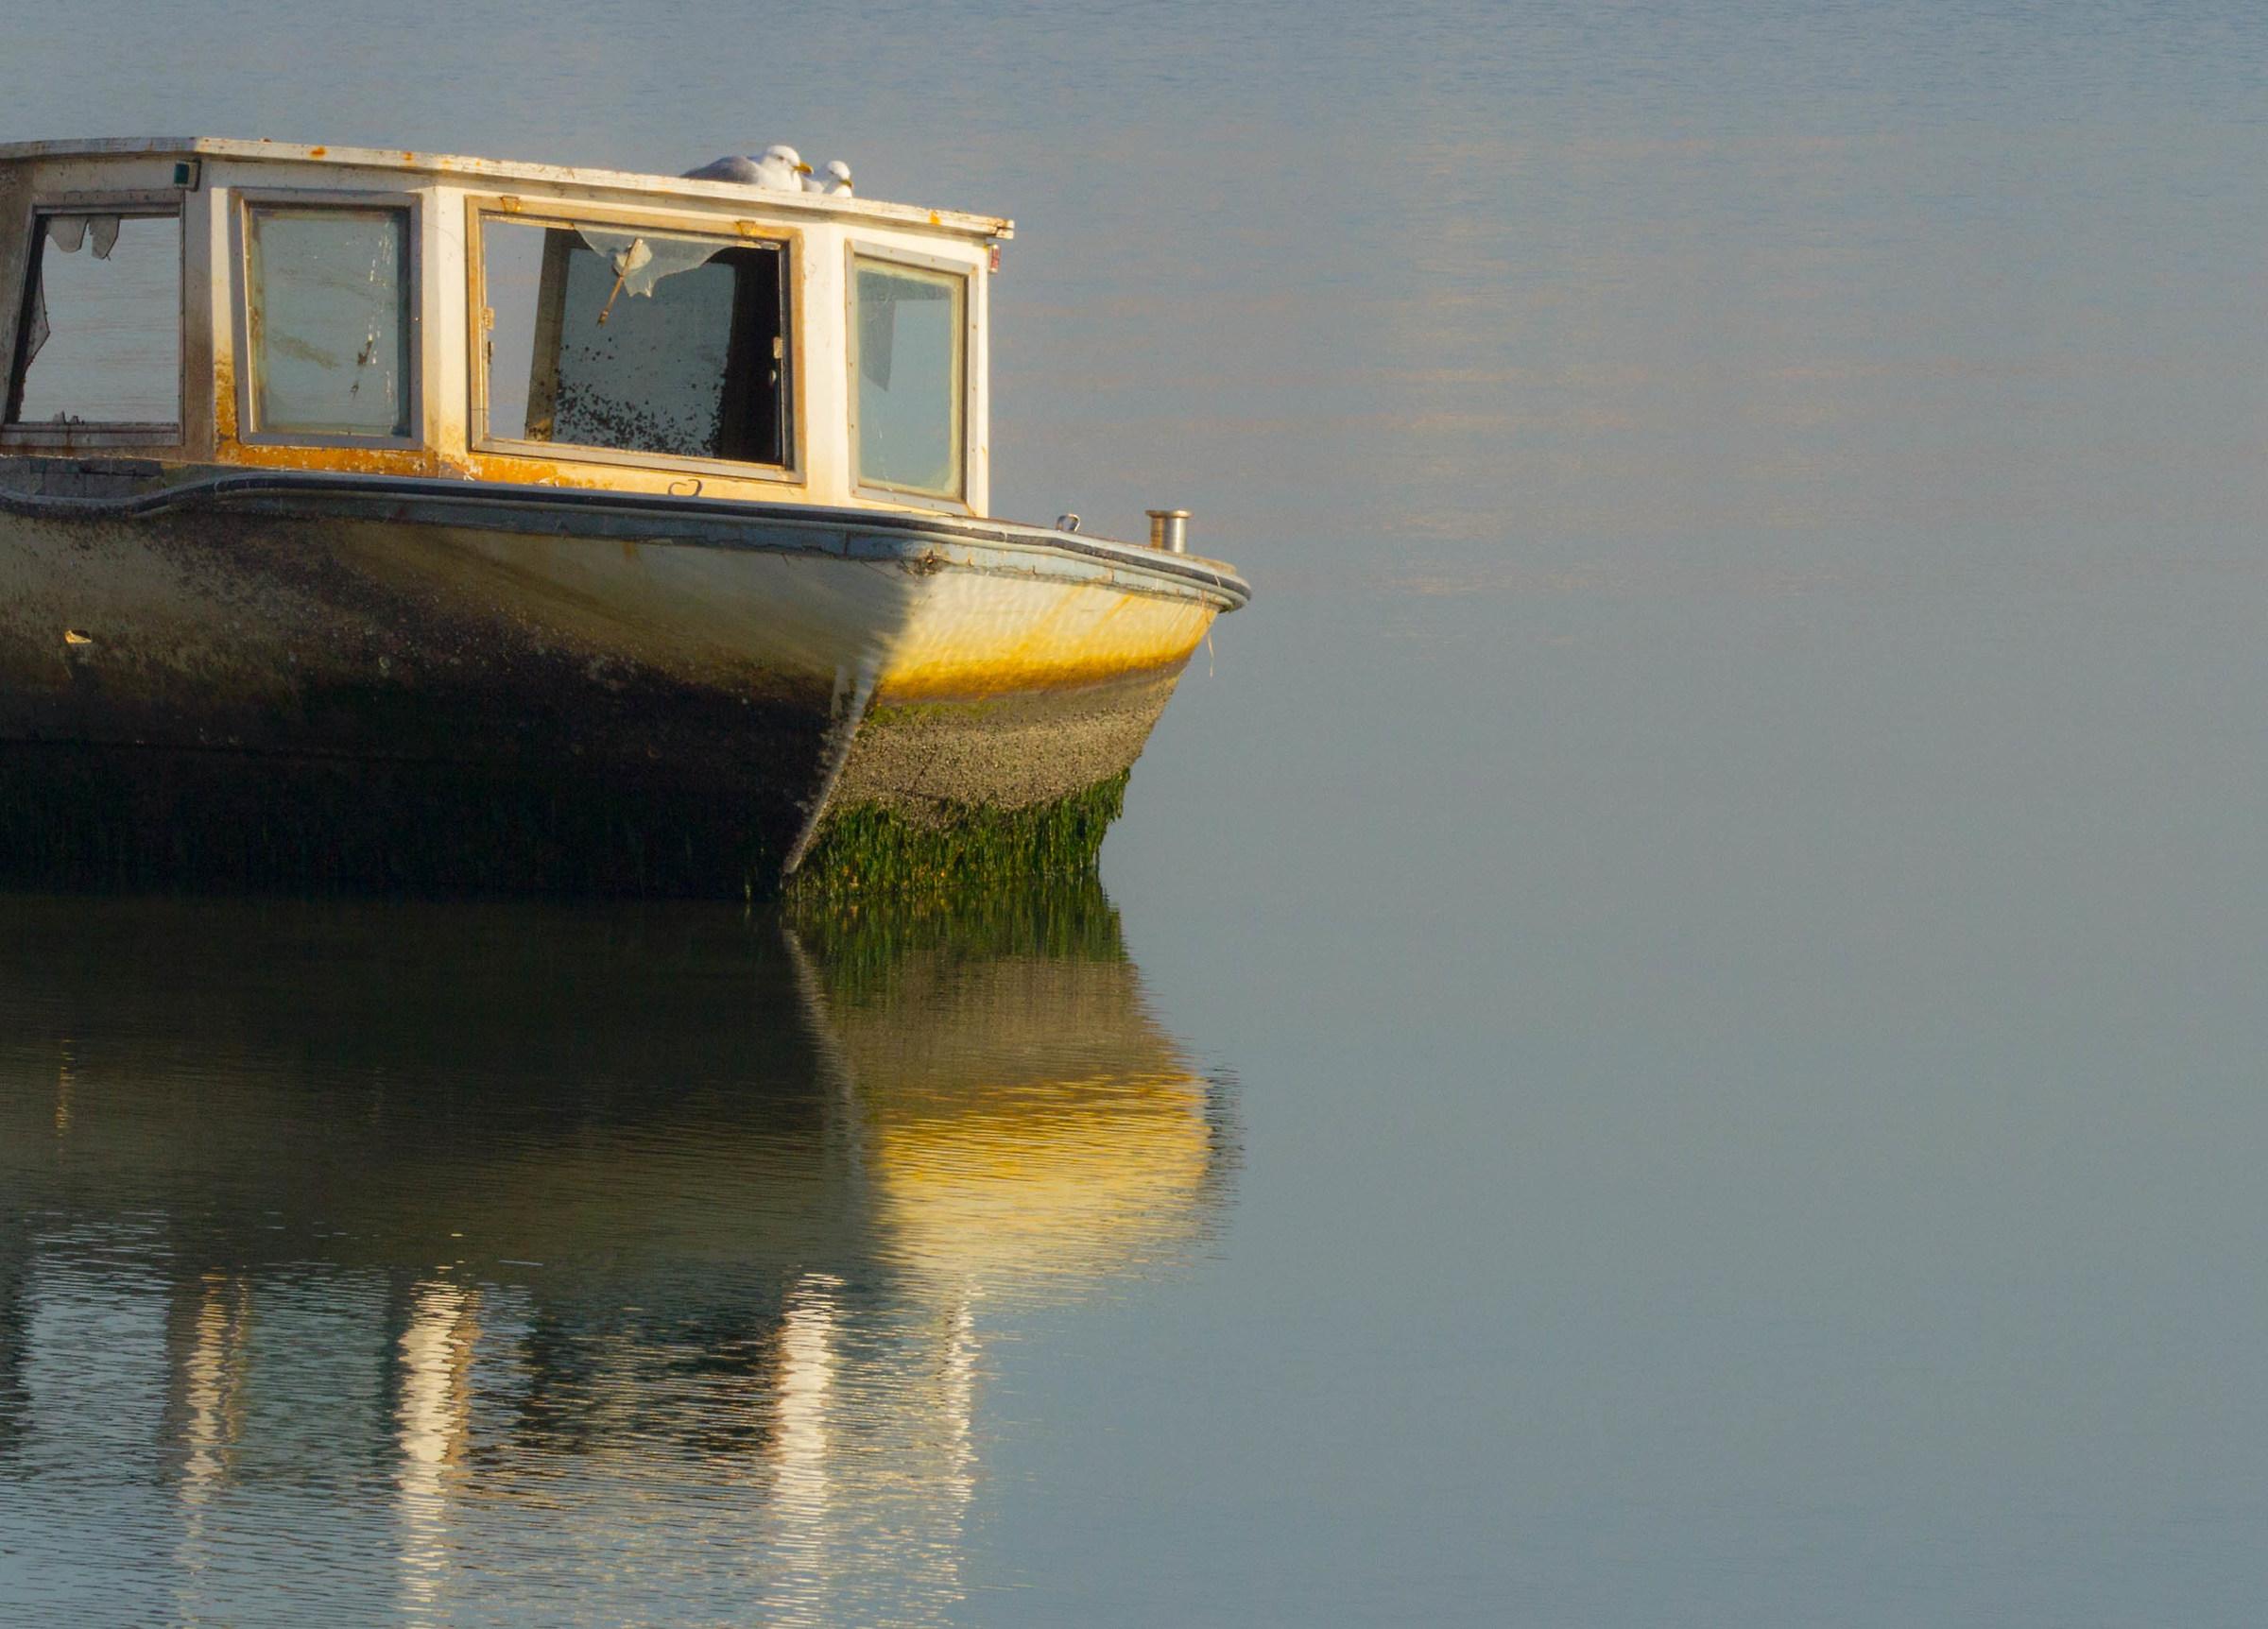 Sul barchino a riposare...